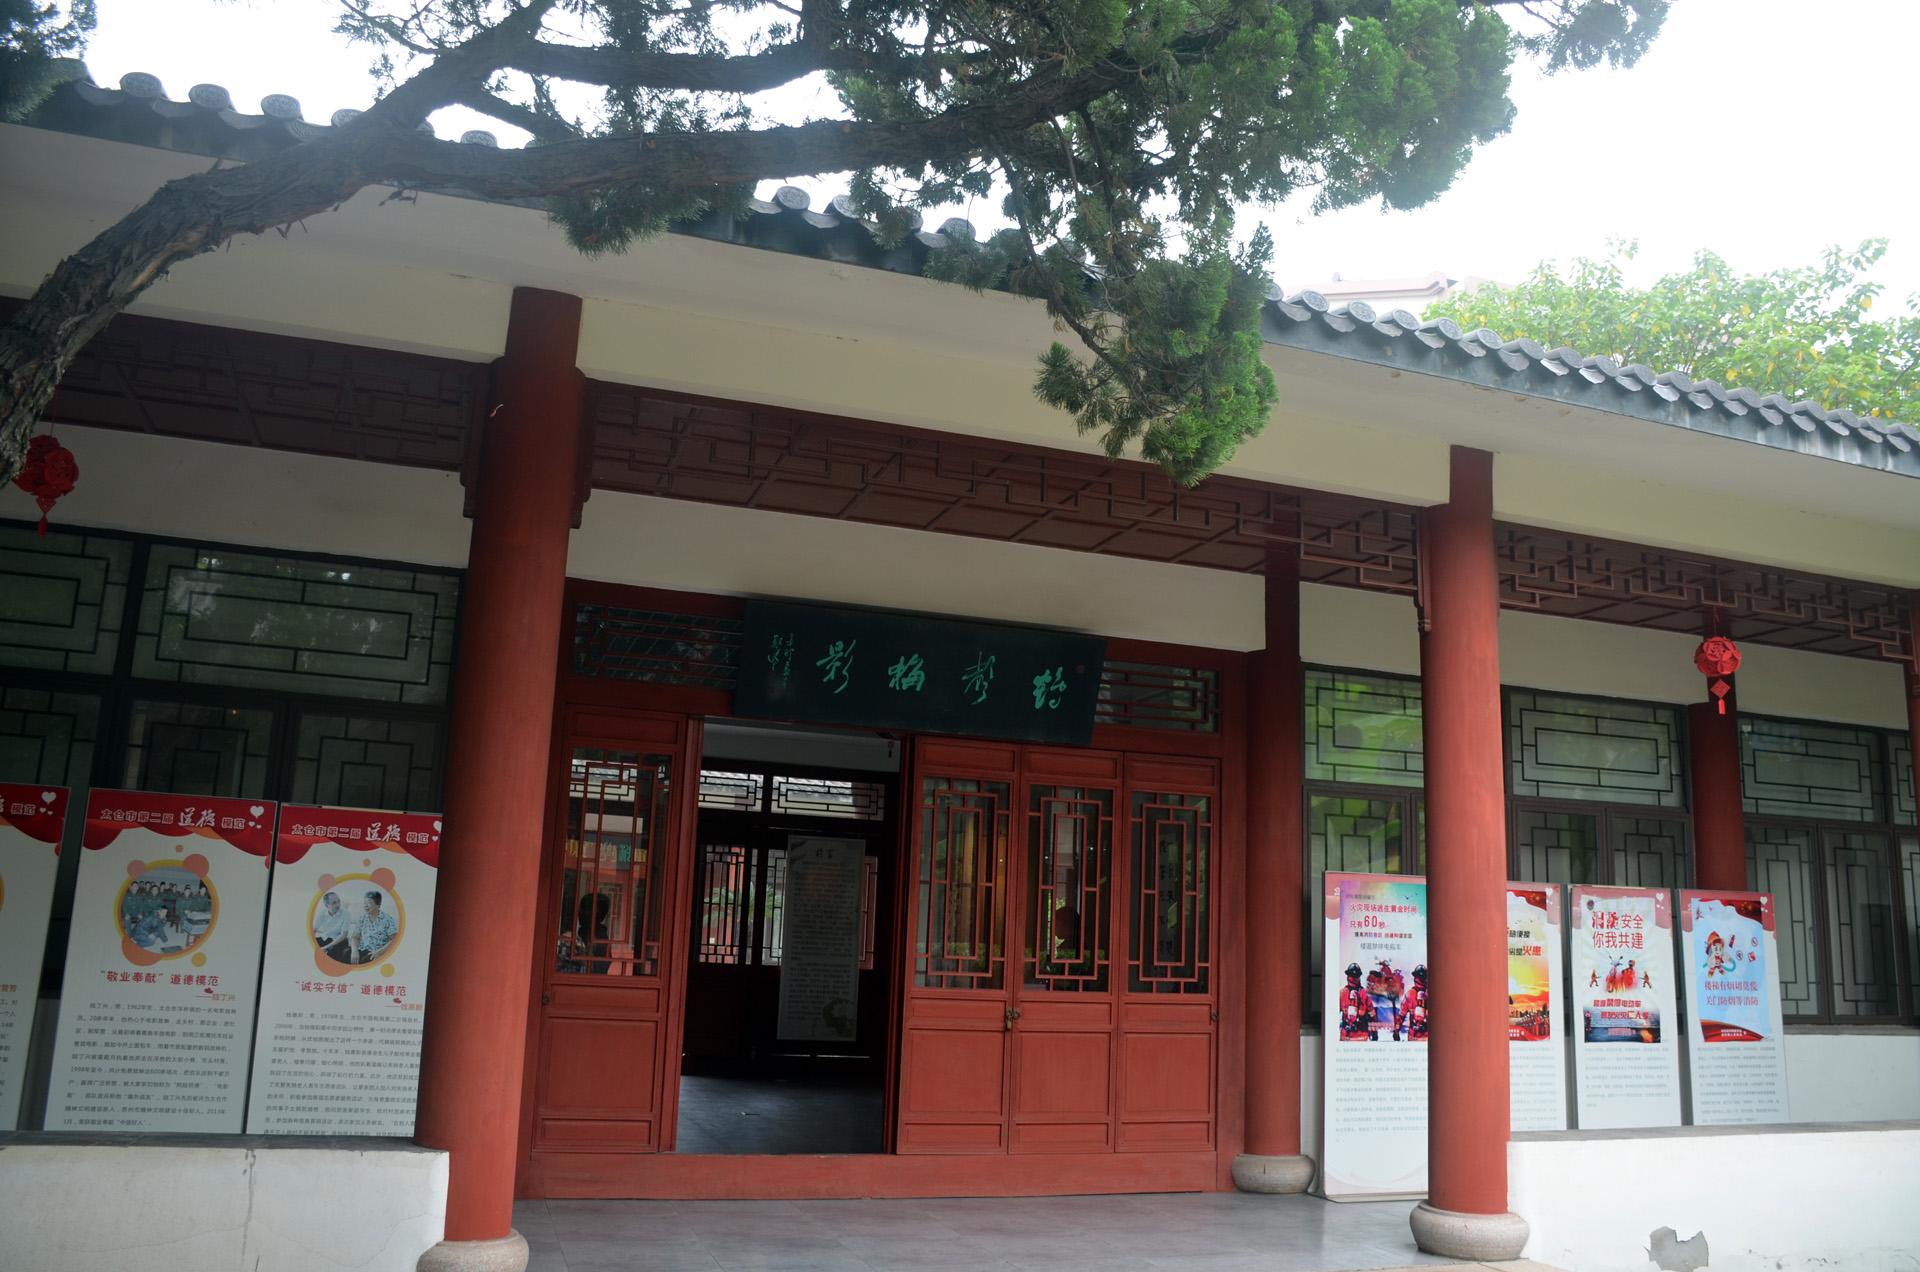 太仓市浏河镇朱屺瞻纪念馆组图 摄影 这里是太仓 第9张